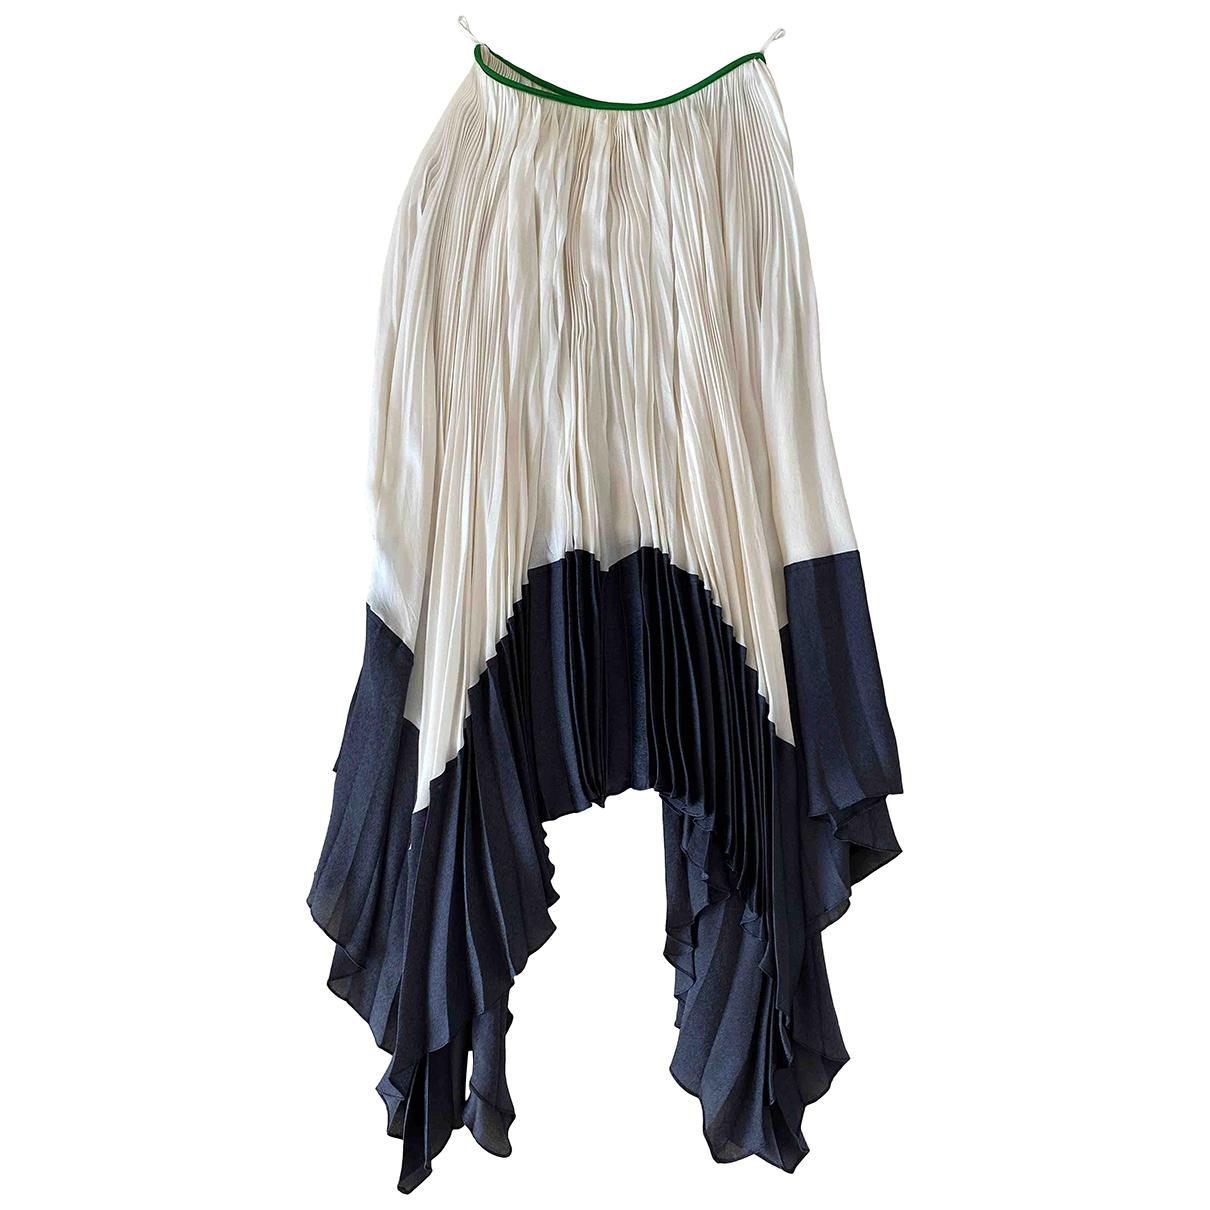 Celine \N White / Black Silk skirt for Women 38 - 40 FR